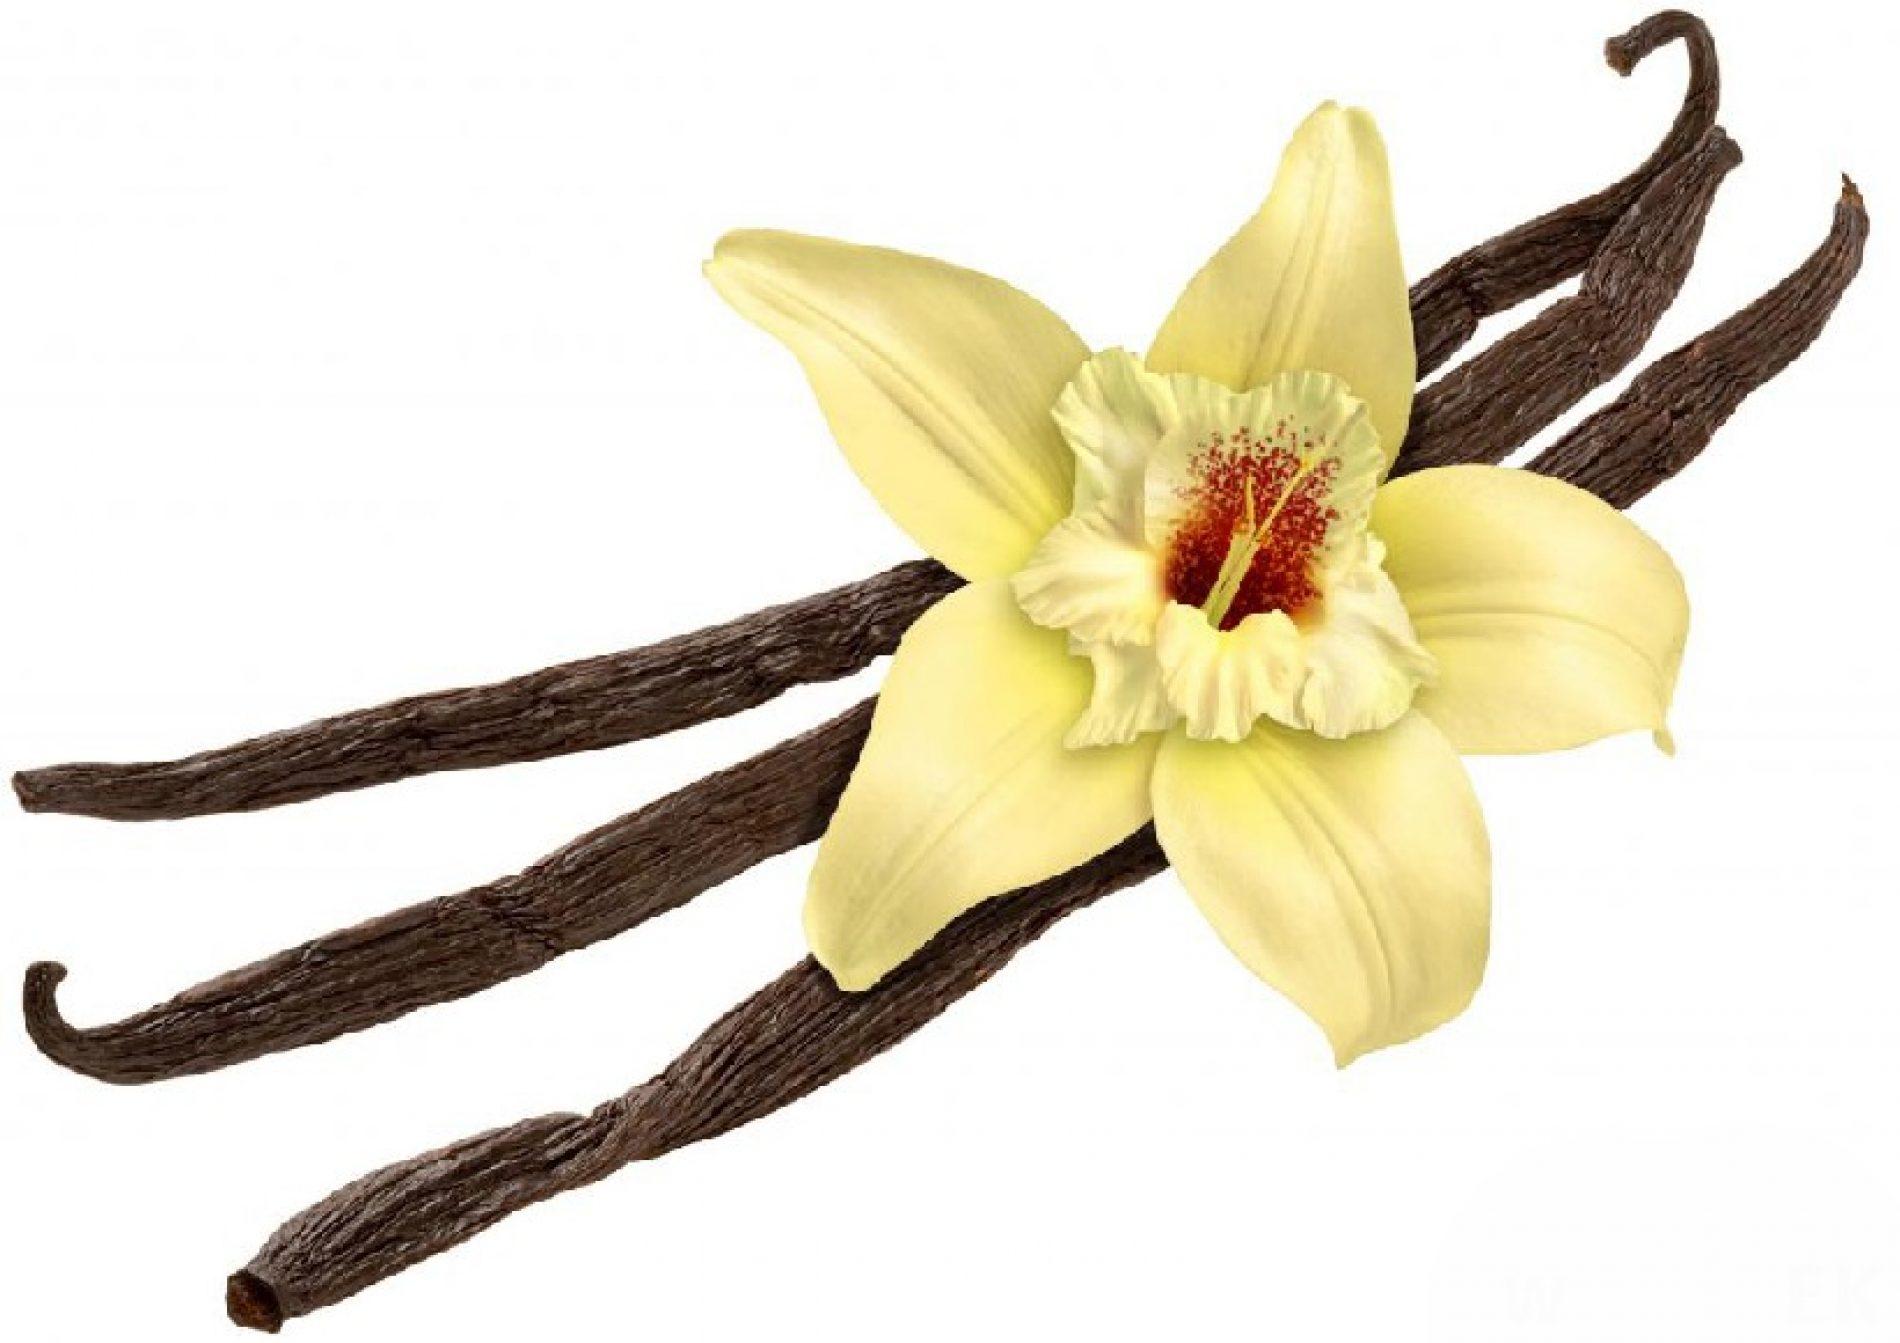 Vanilija podiže cijene slatkiša?